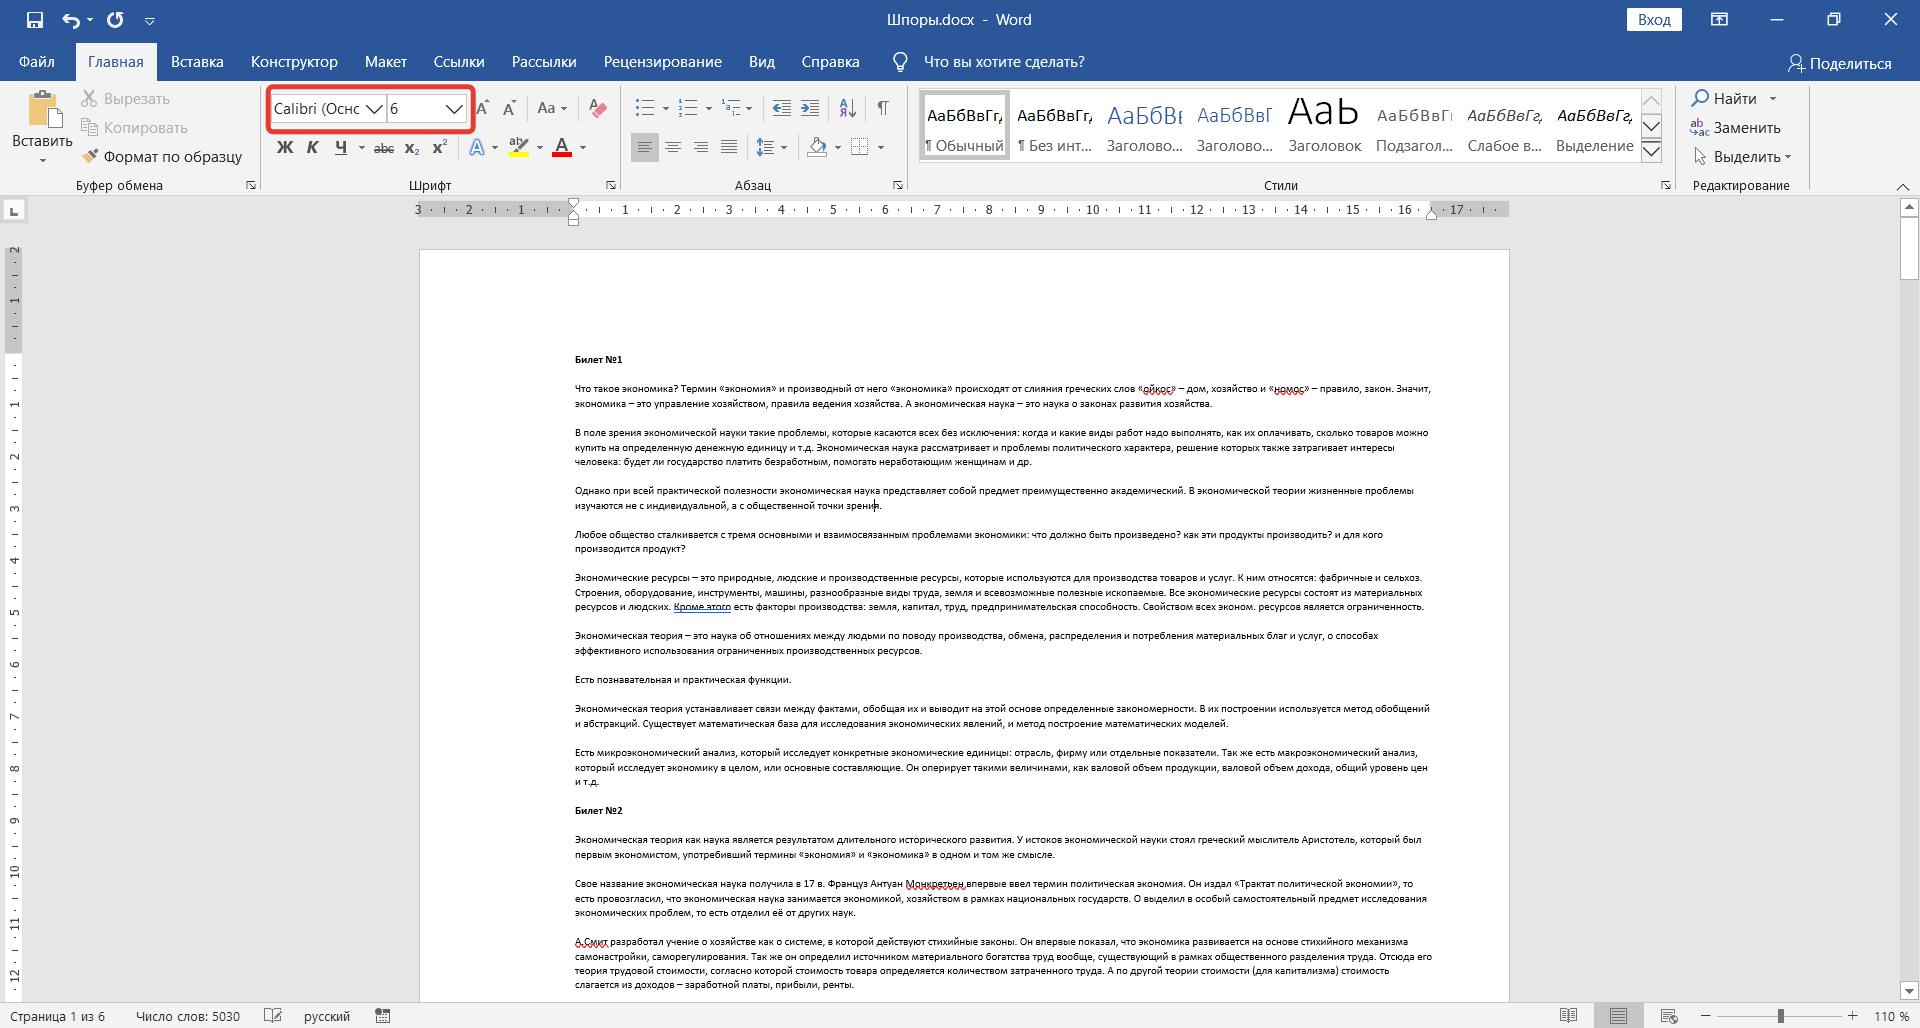 Как сделать шпоры в Word? Изменение размера и семейства шрифта